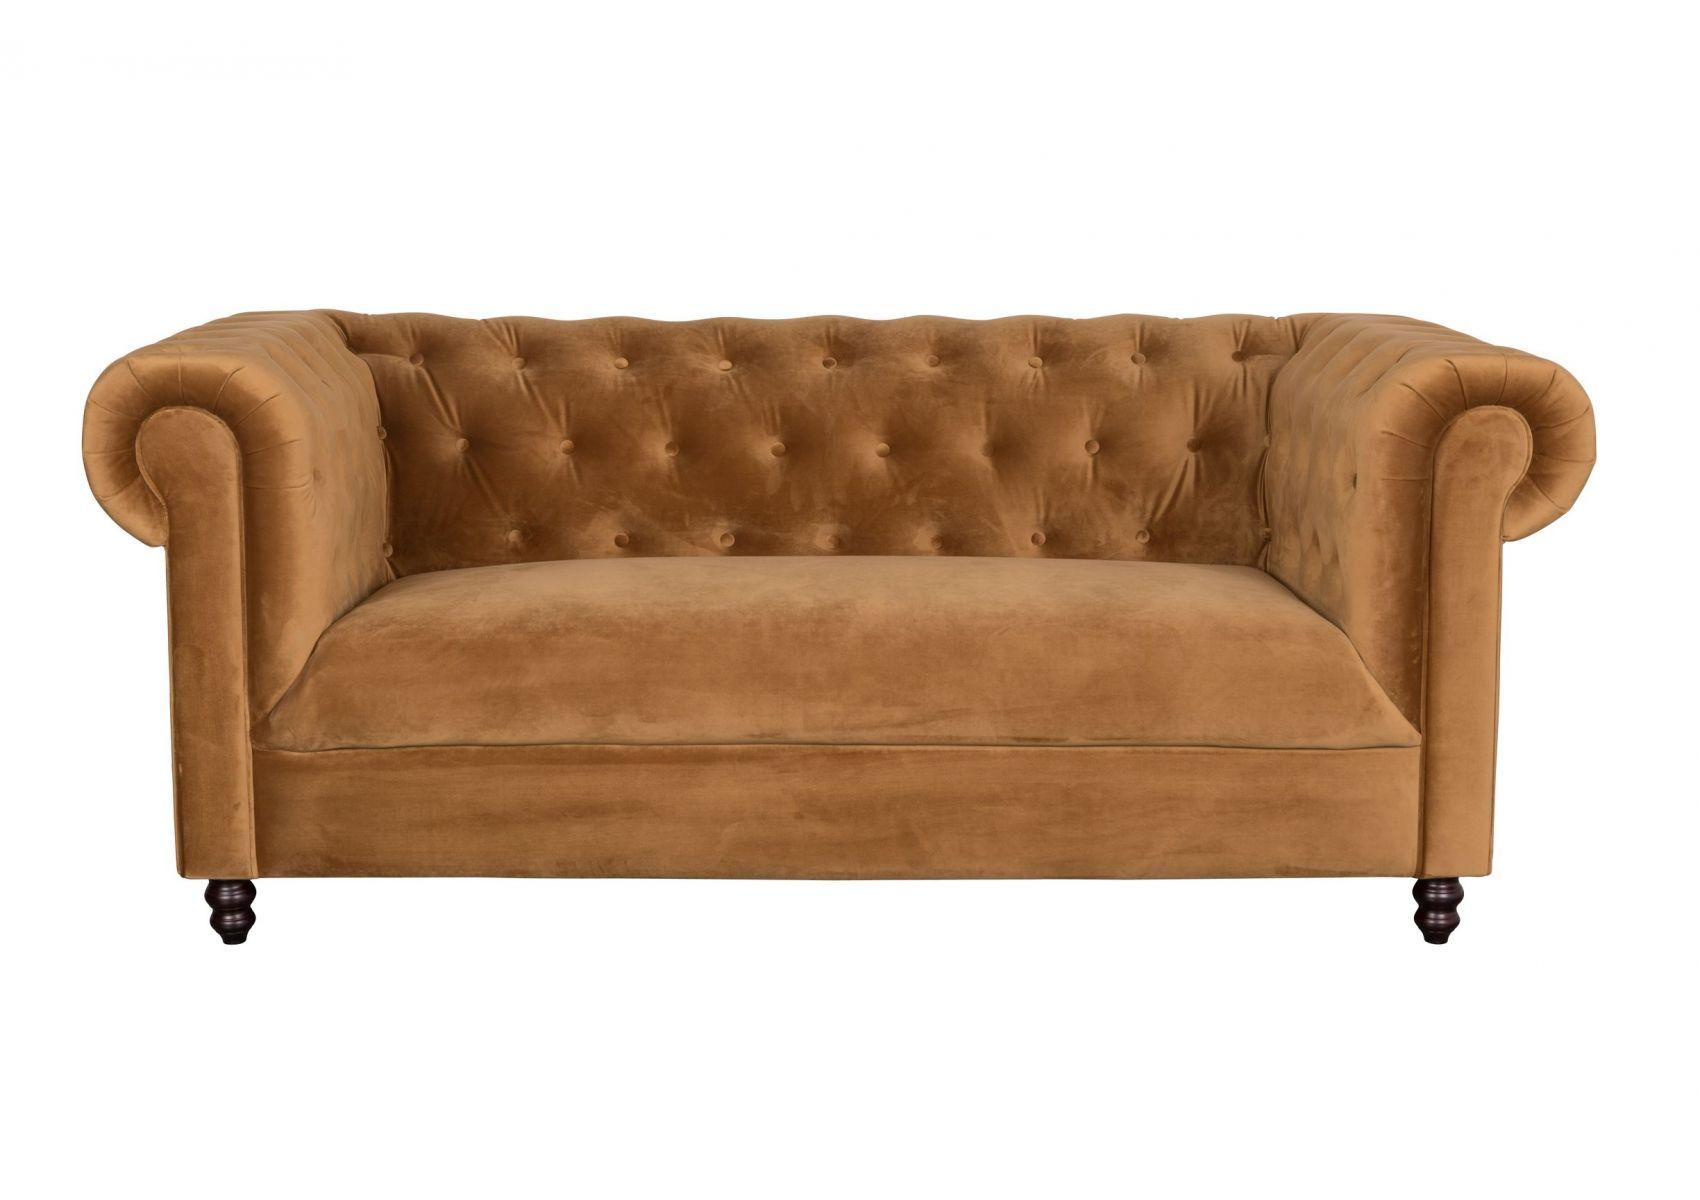 canap design en tissu de la collection chesterfield de chez dutchbone. Black Bedroom Furniture Sets. Home Design Ideas